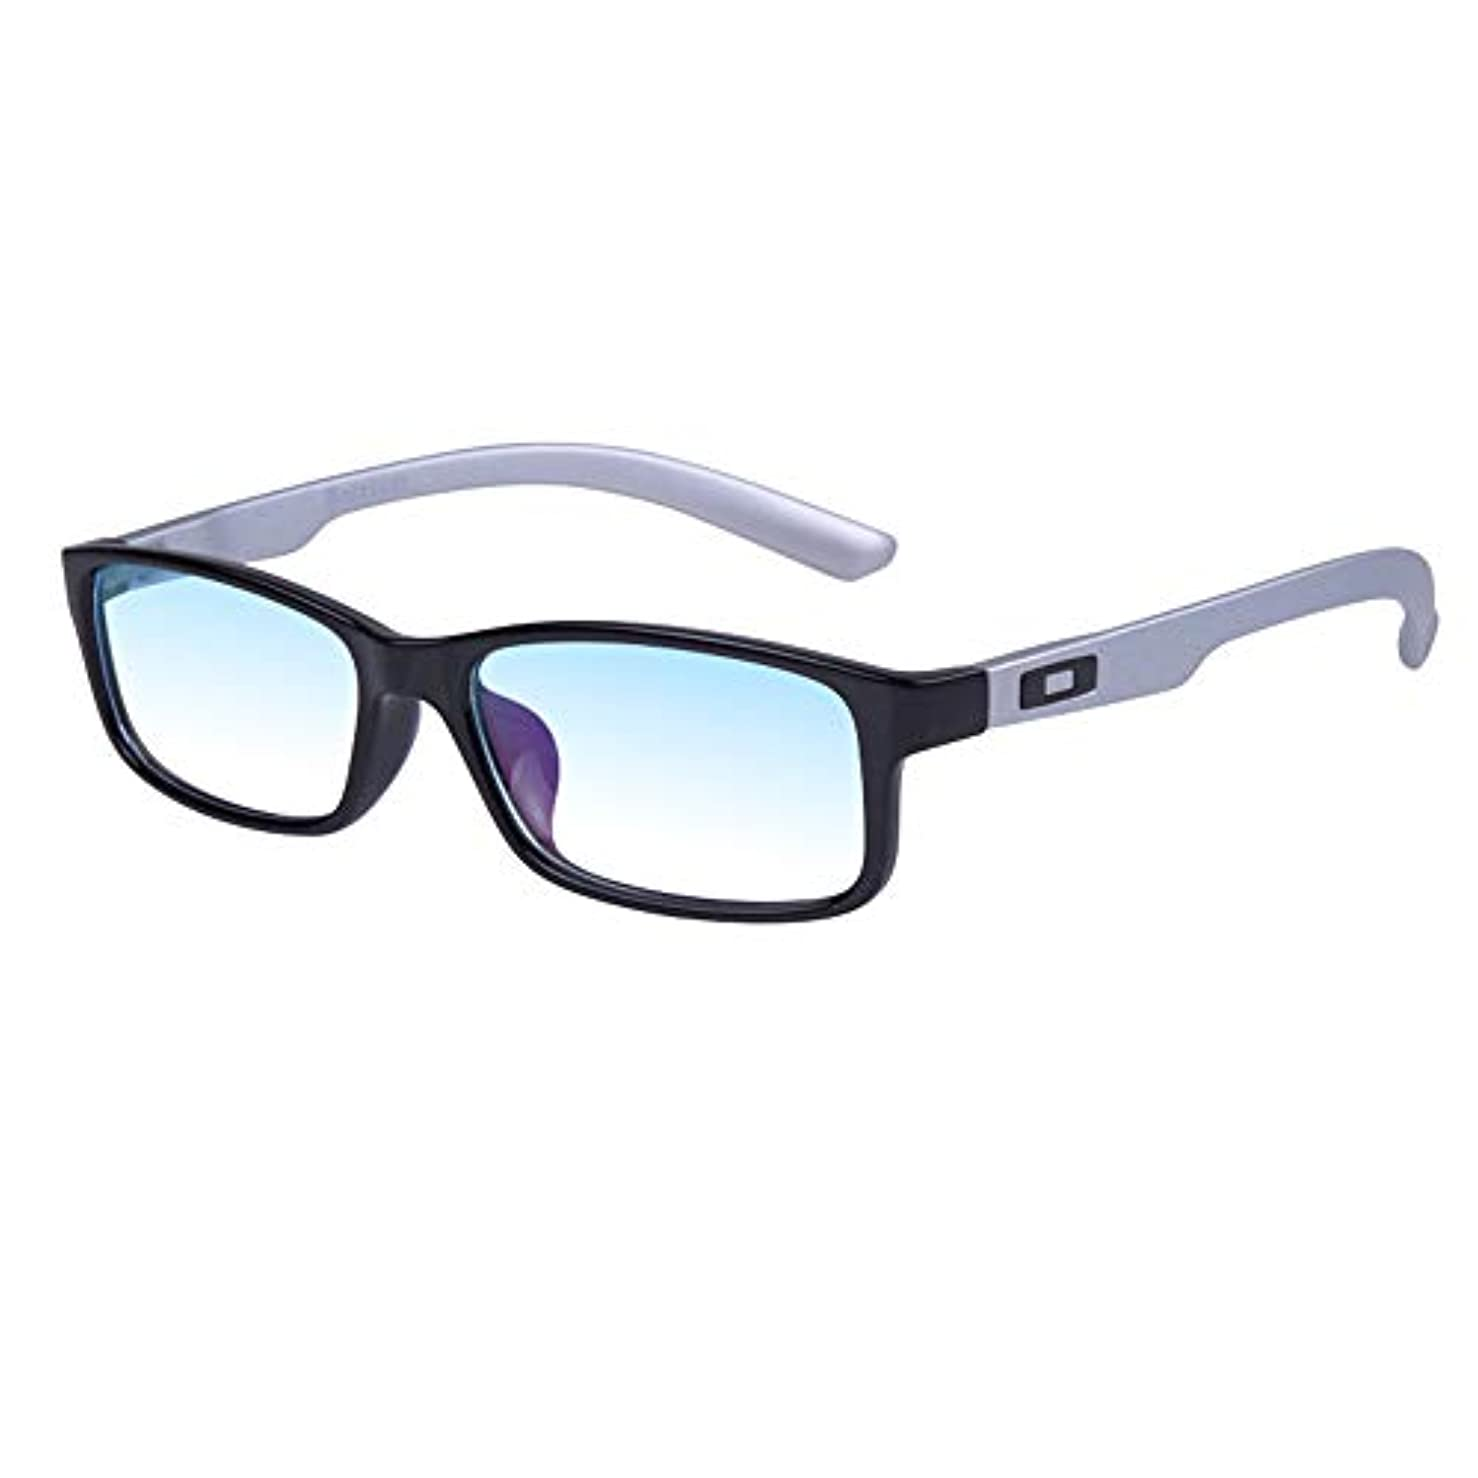 悲鳴動員する砂の長方形アンチブルー老眼鏡、快適でシンプルなコンピューター老眼鏡、男性用Hdメガネ、シルバー、ブラック